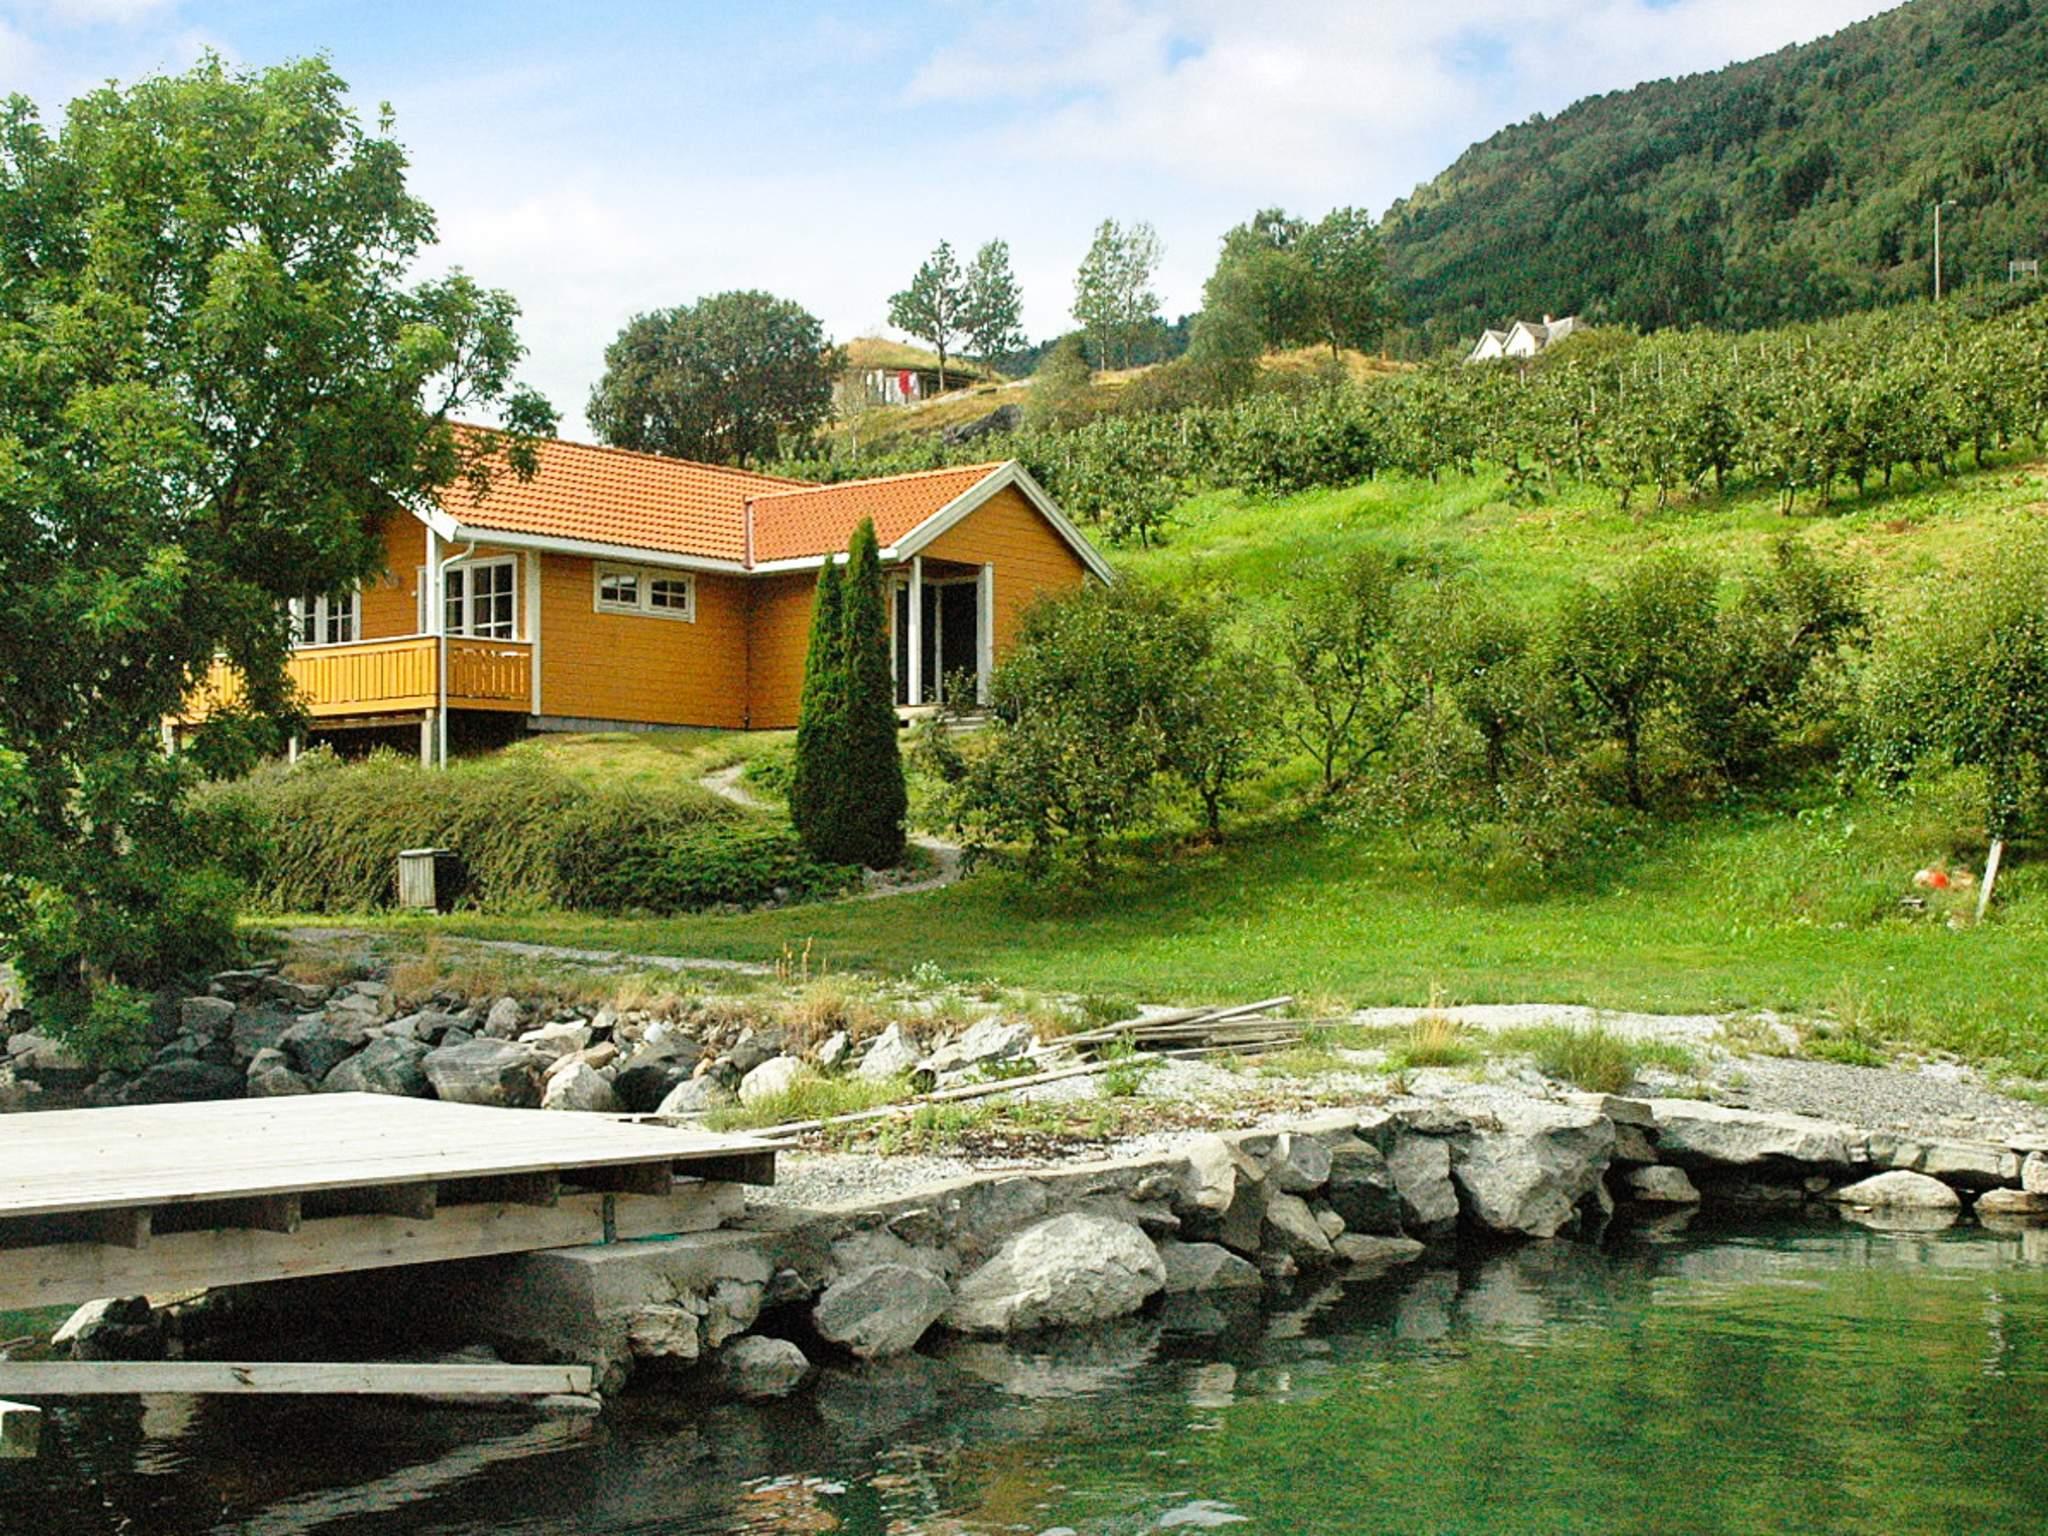 Ferienhaus Slinde (82397), Slinde, Sognefjord - Nordfjord, Westnorwegen, Norwegen, Bild 24